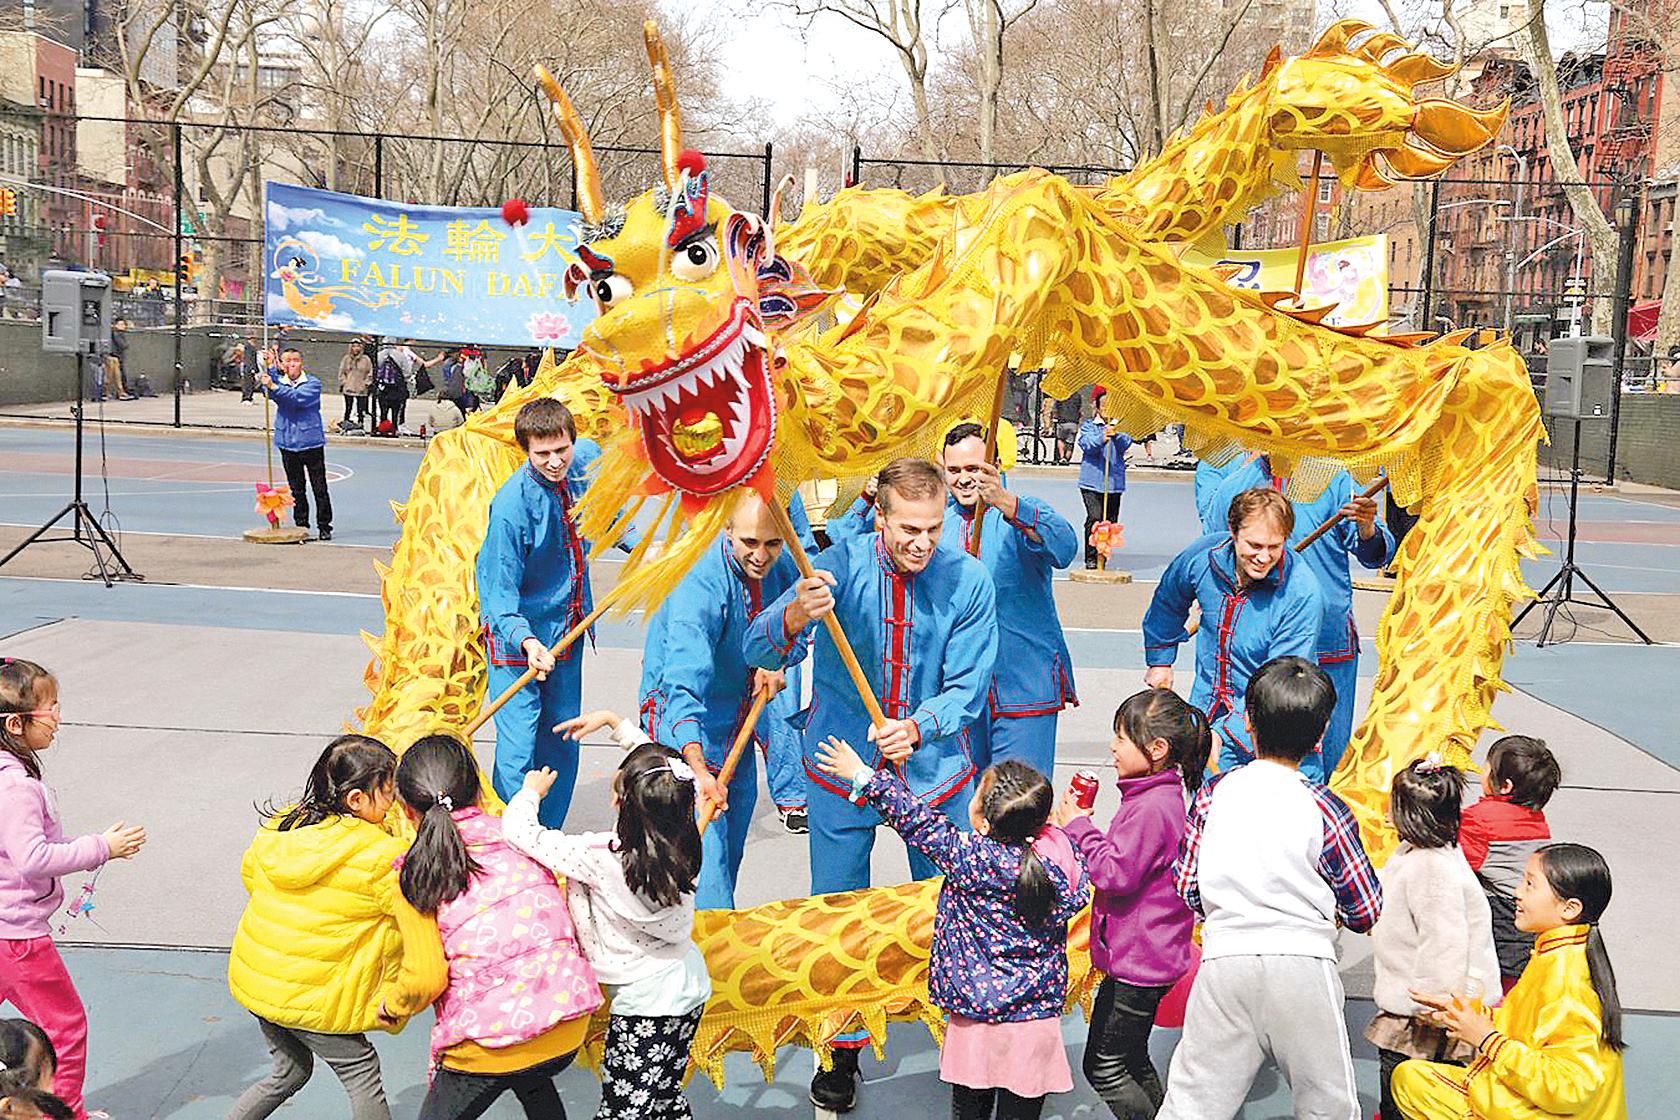 紐約部份法輪功學員通過歌舞、舞龍、舞獅等表演,傳遞普世價值與中華傳統理念,慶祝春天的到來。(大紀元)